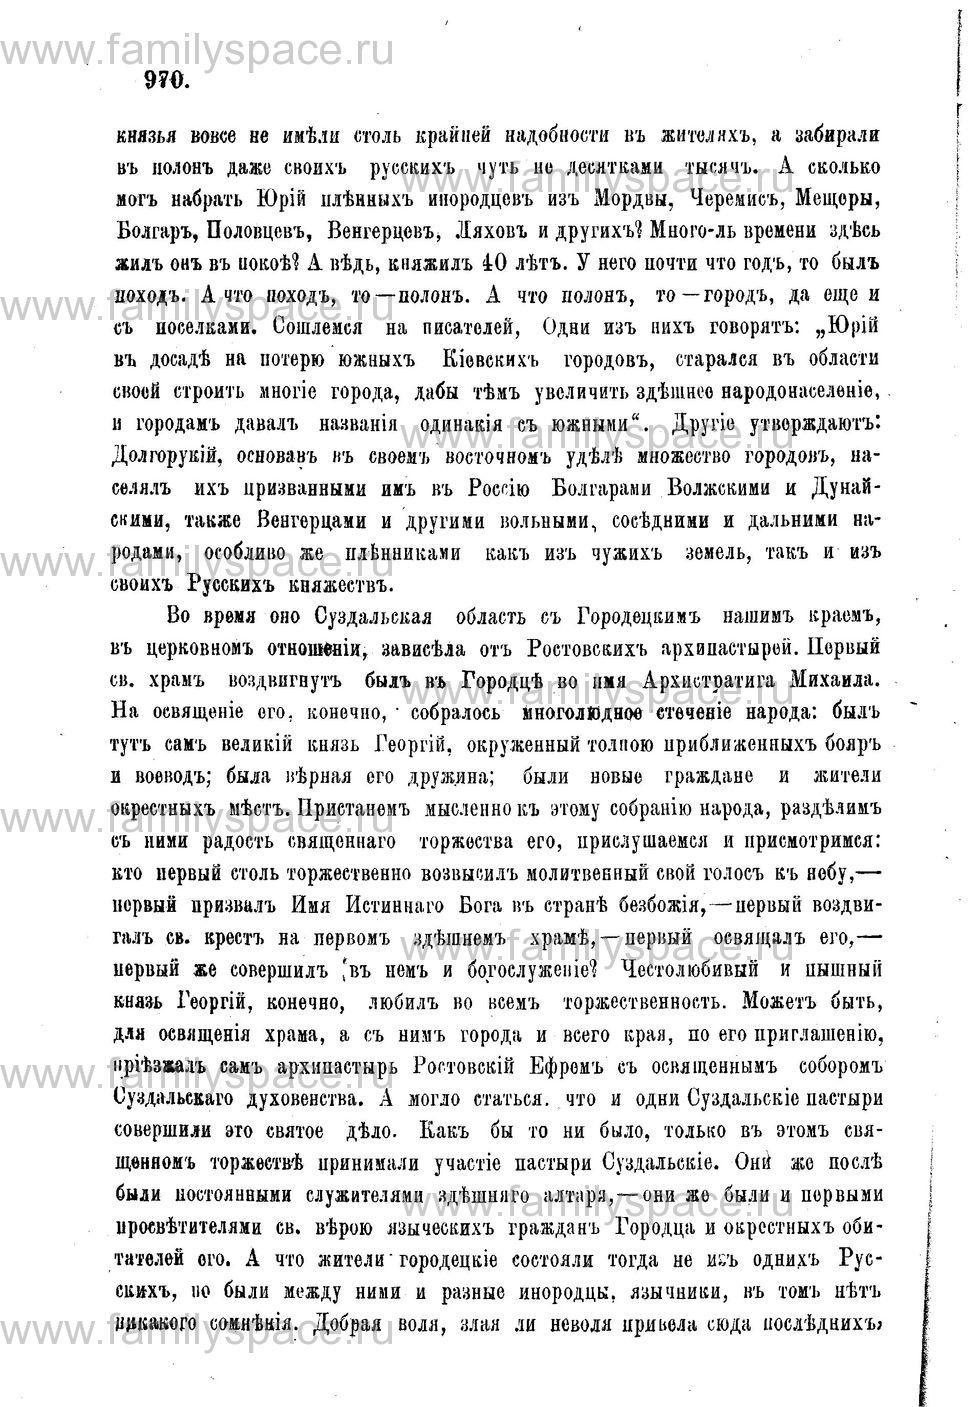 Поиск по фамилии - Адрес-календарь Нижегородской епархии на 1888 год, страница 1970